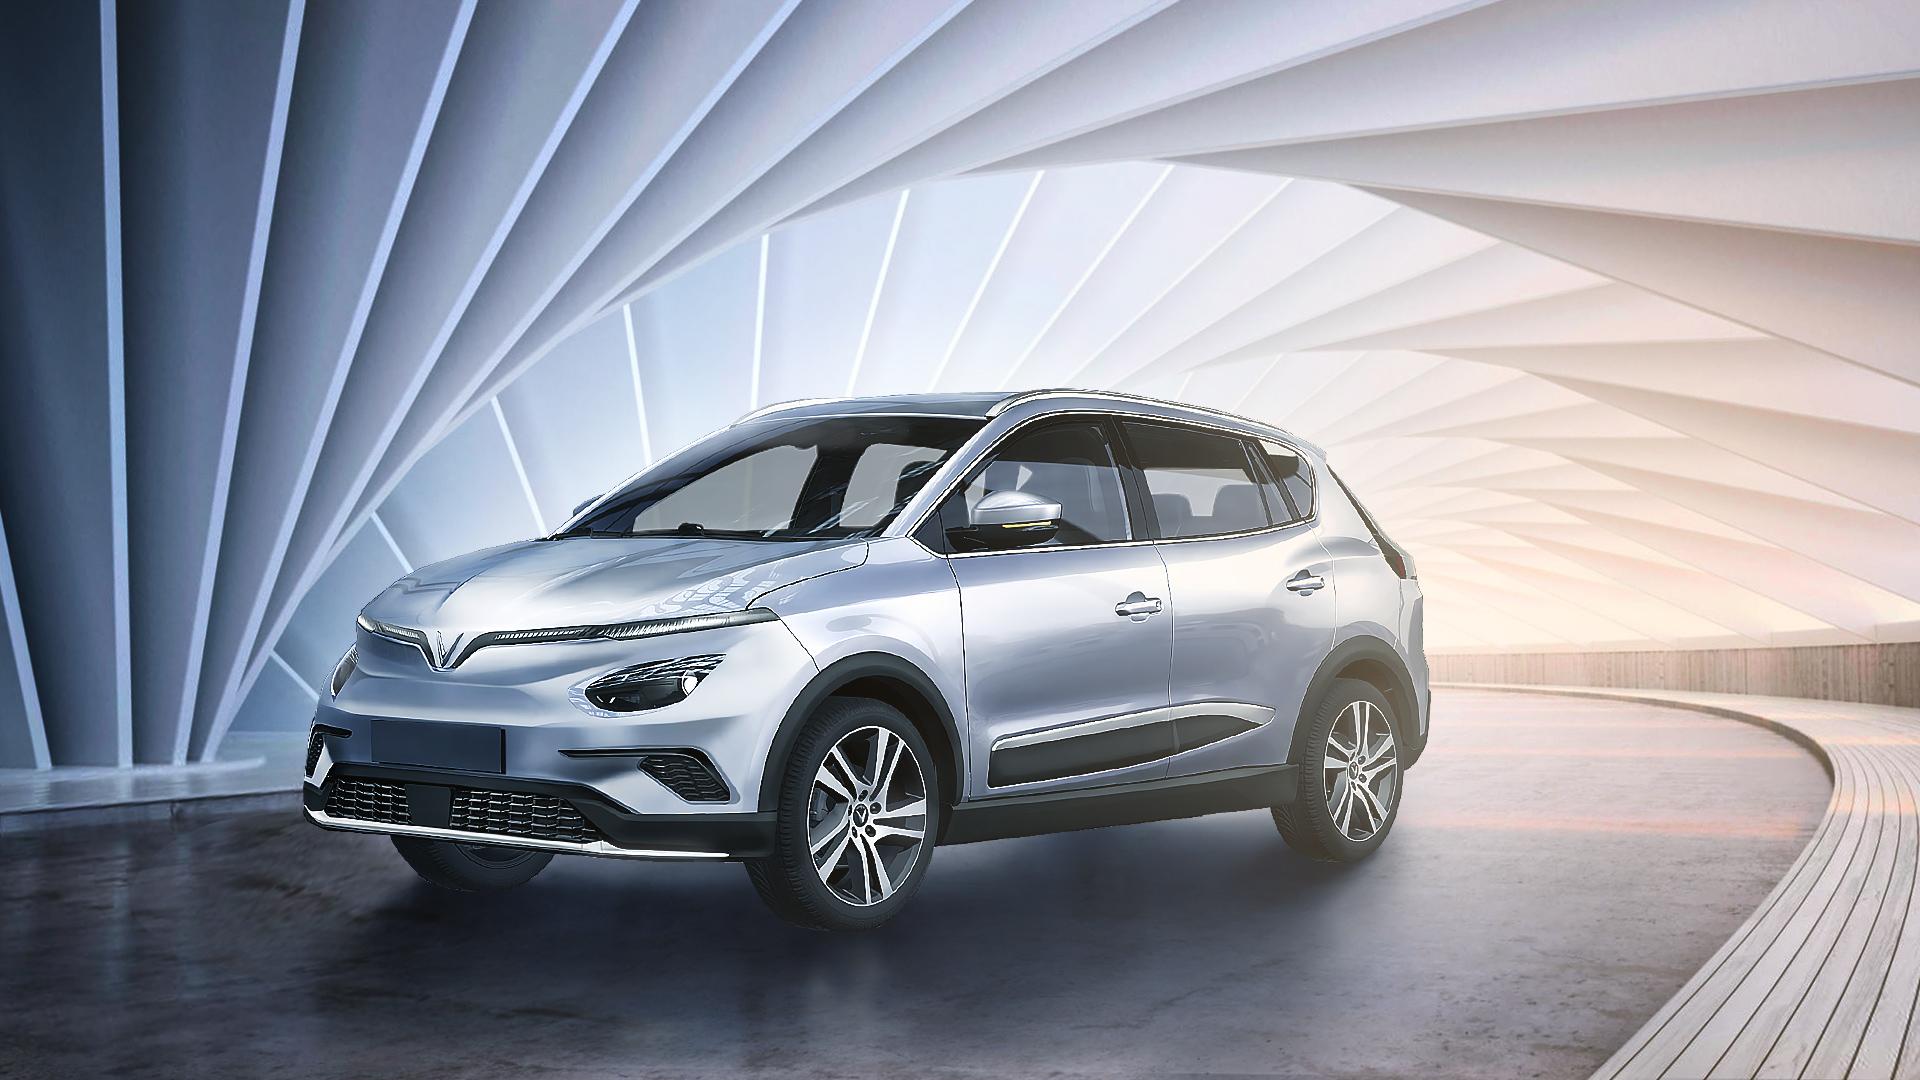 Vinfast chính thức công bố ba mẫu ô tô điện, xử lí ở tốc độ cao trên 100km/h - Ảnh 1.